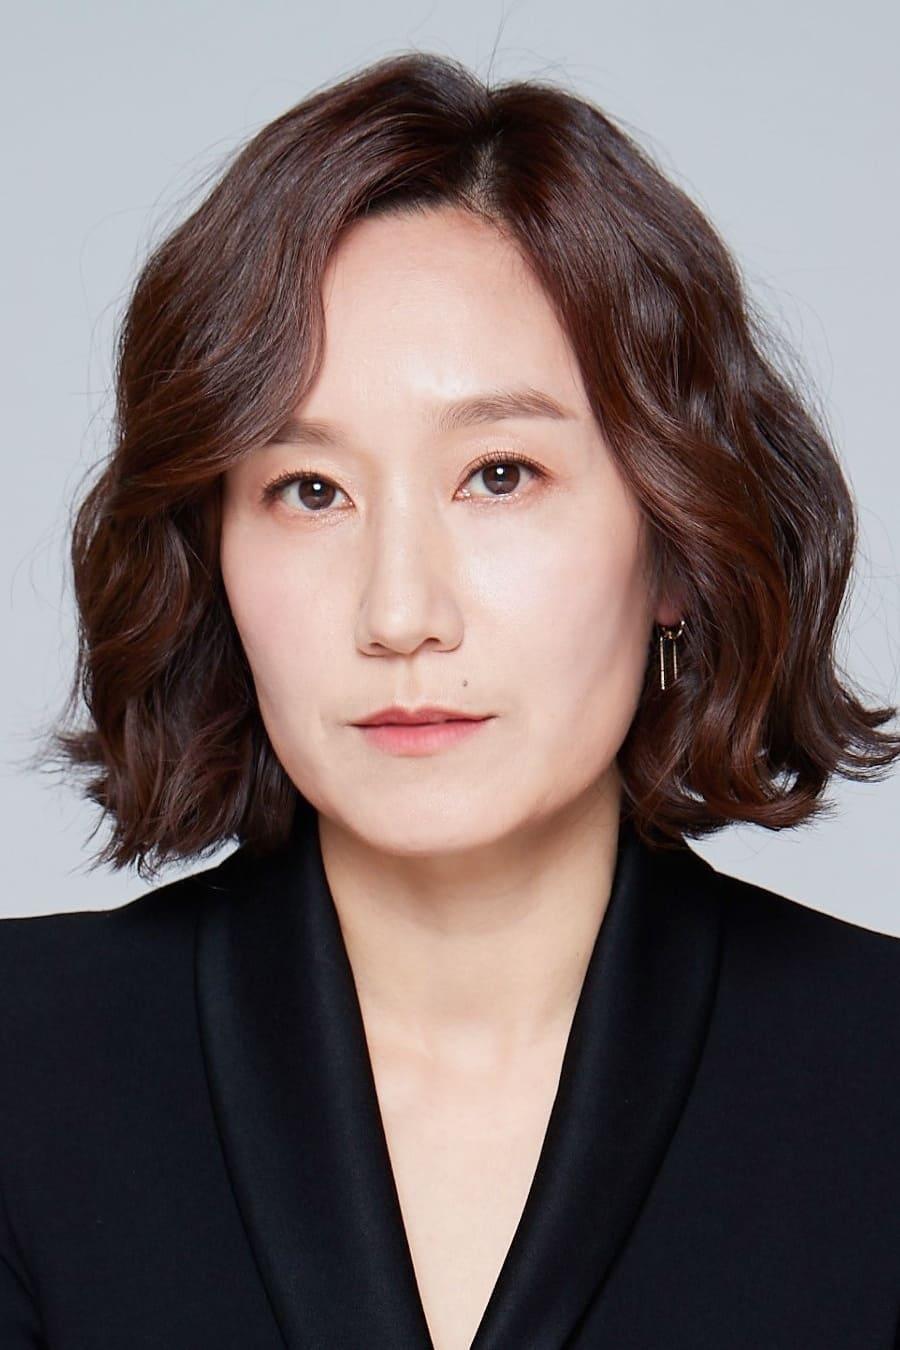 Park Mi-hyeon